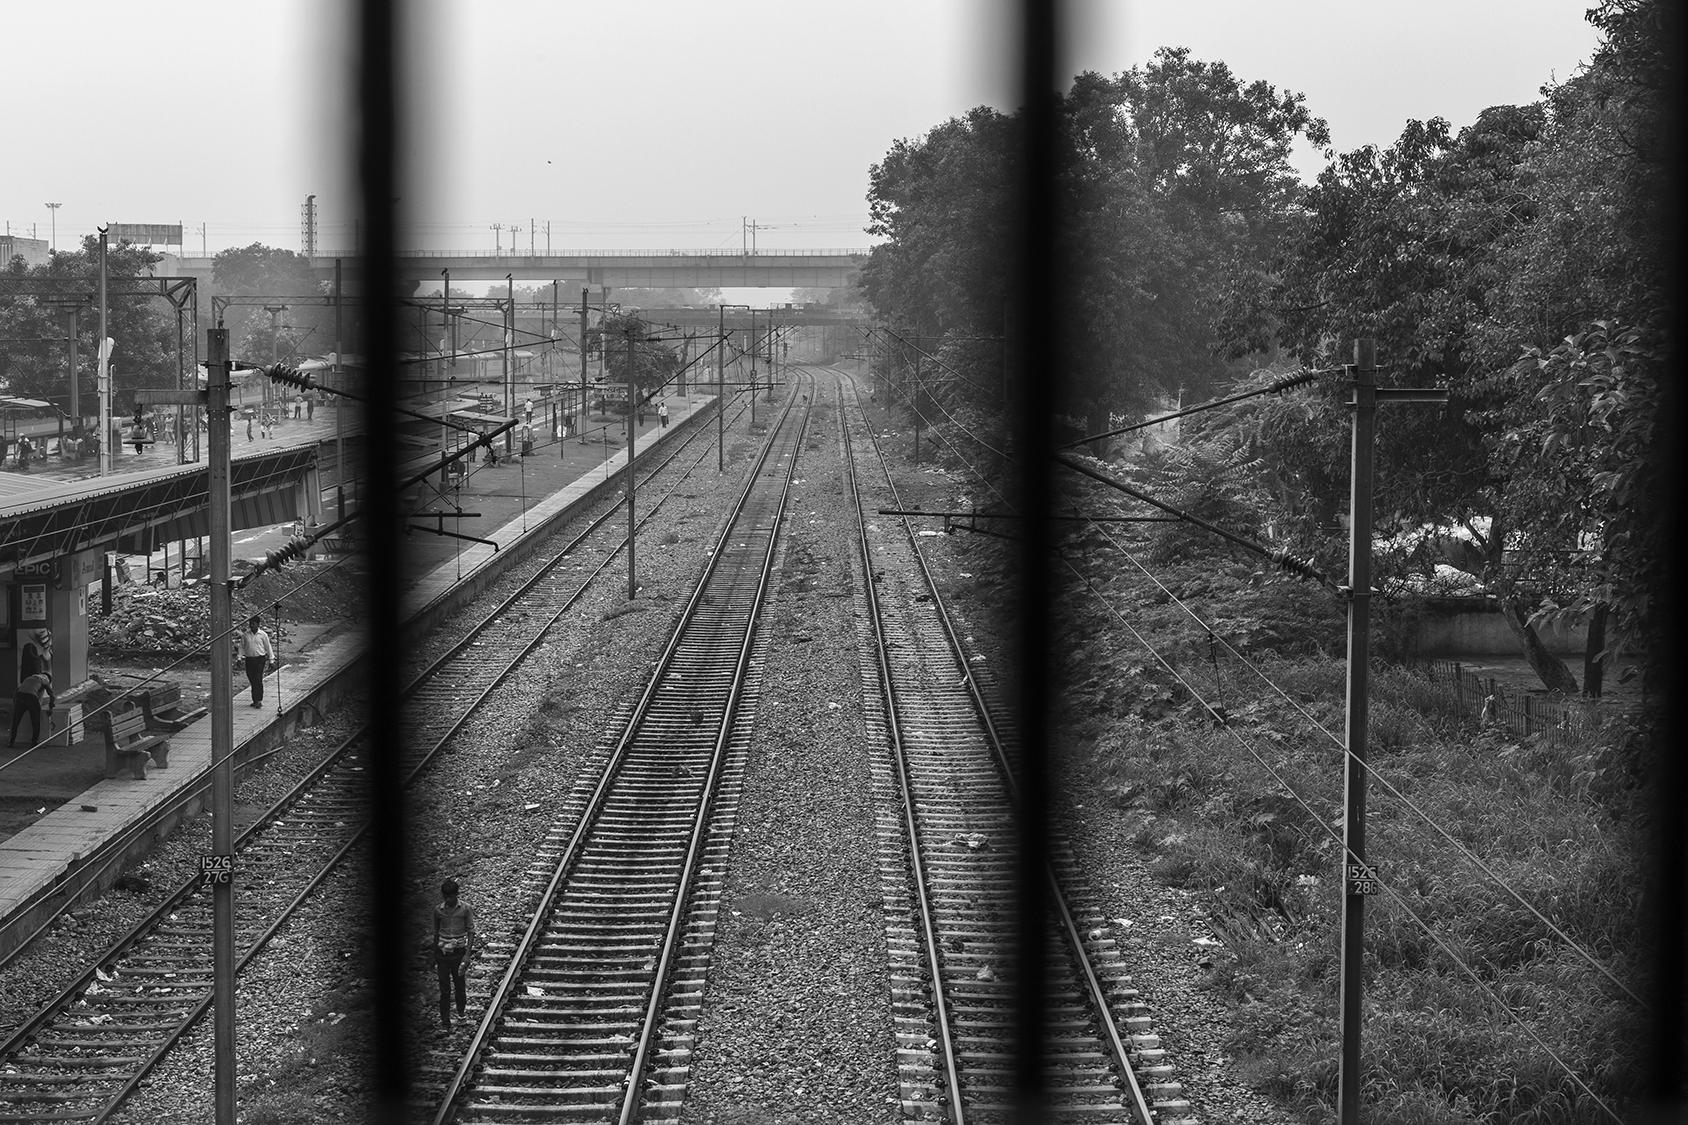 cedric-sartore-point-of-departure-6